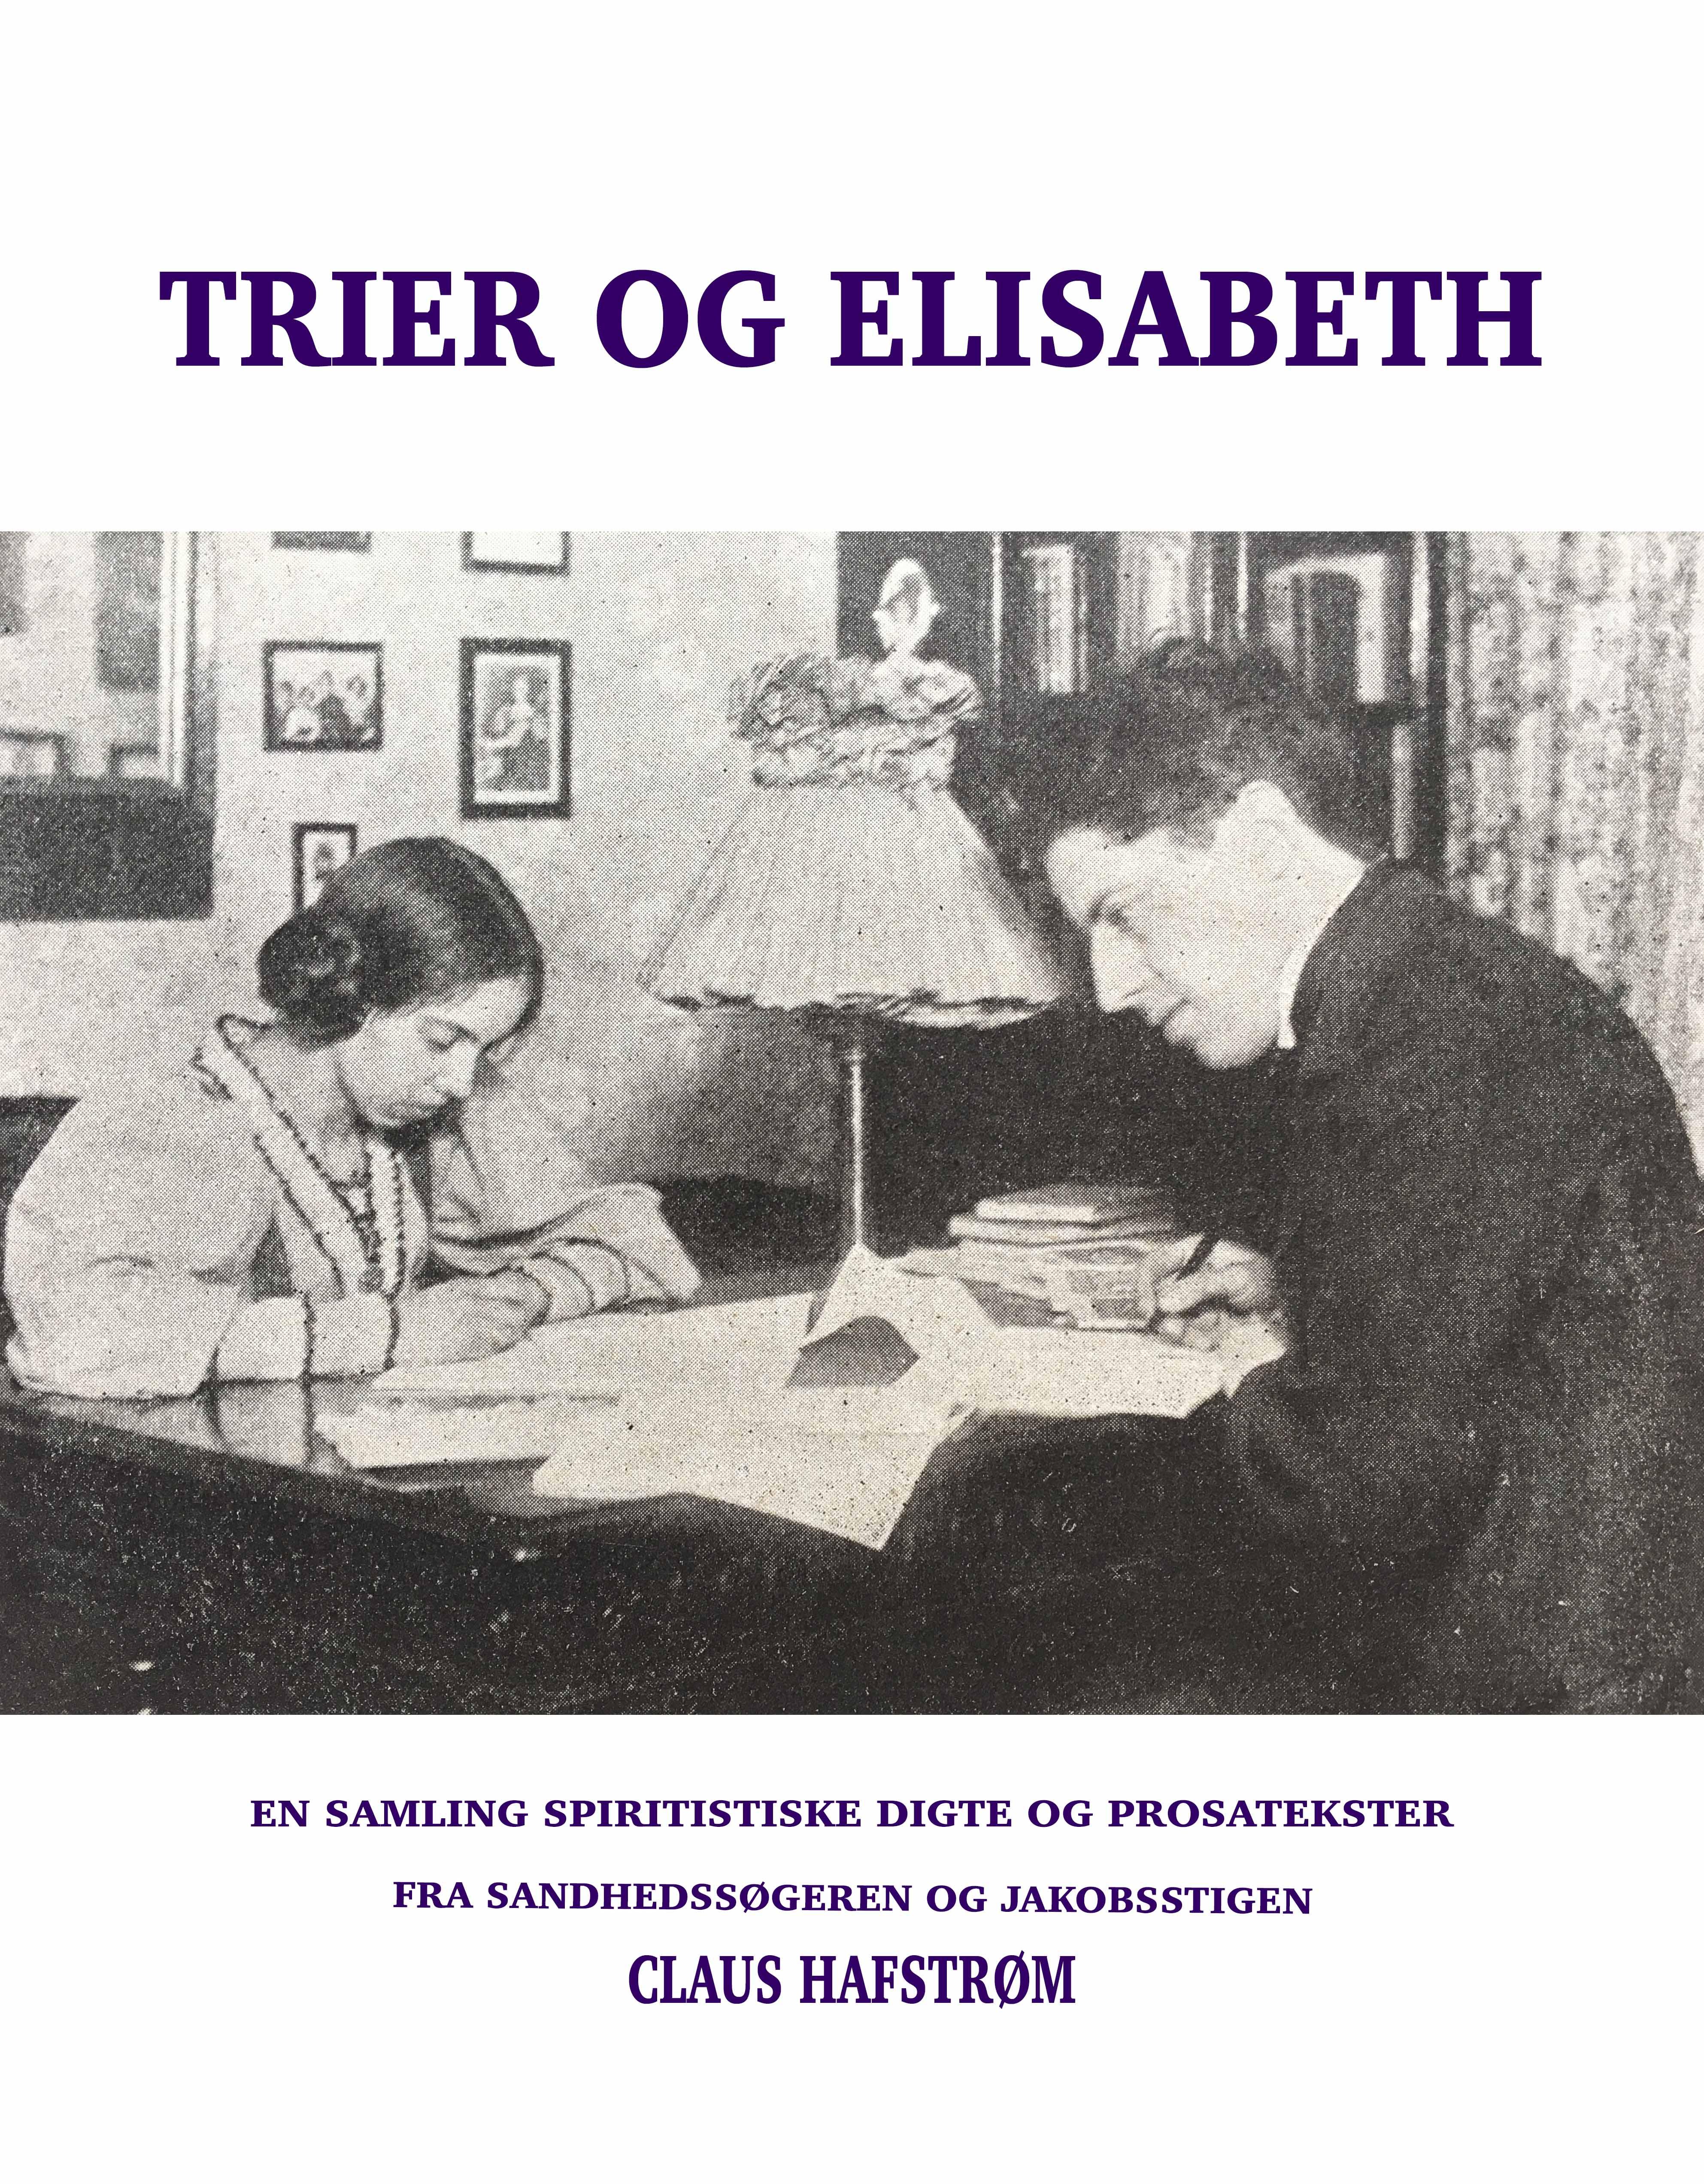 Trier og elisabeth - e-bog fra N/A på bog & mystik